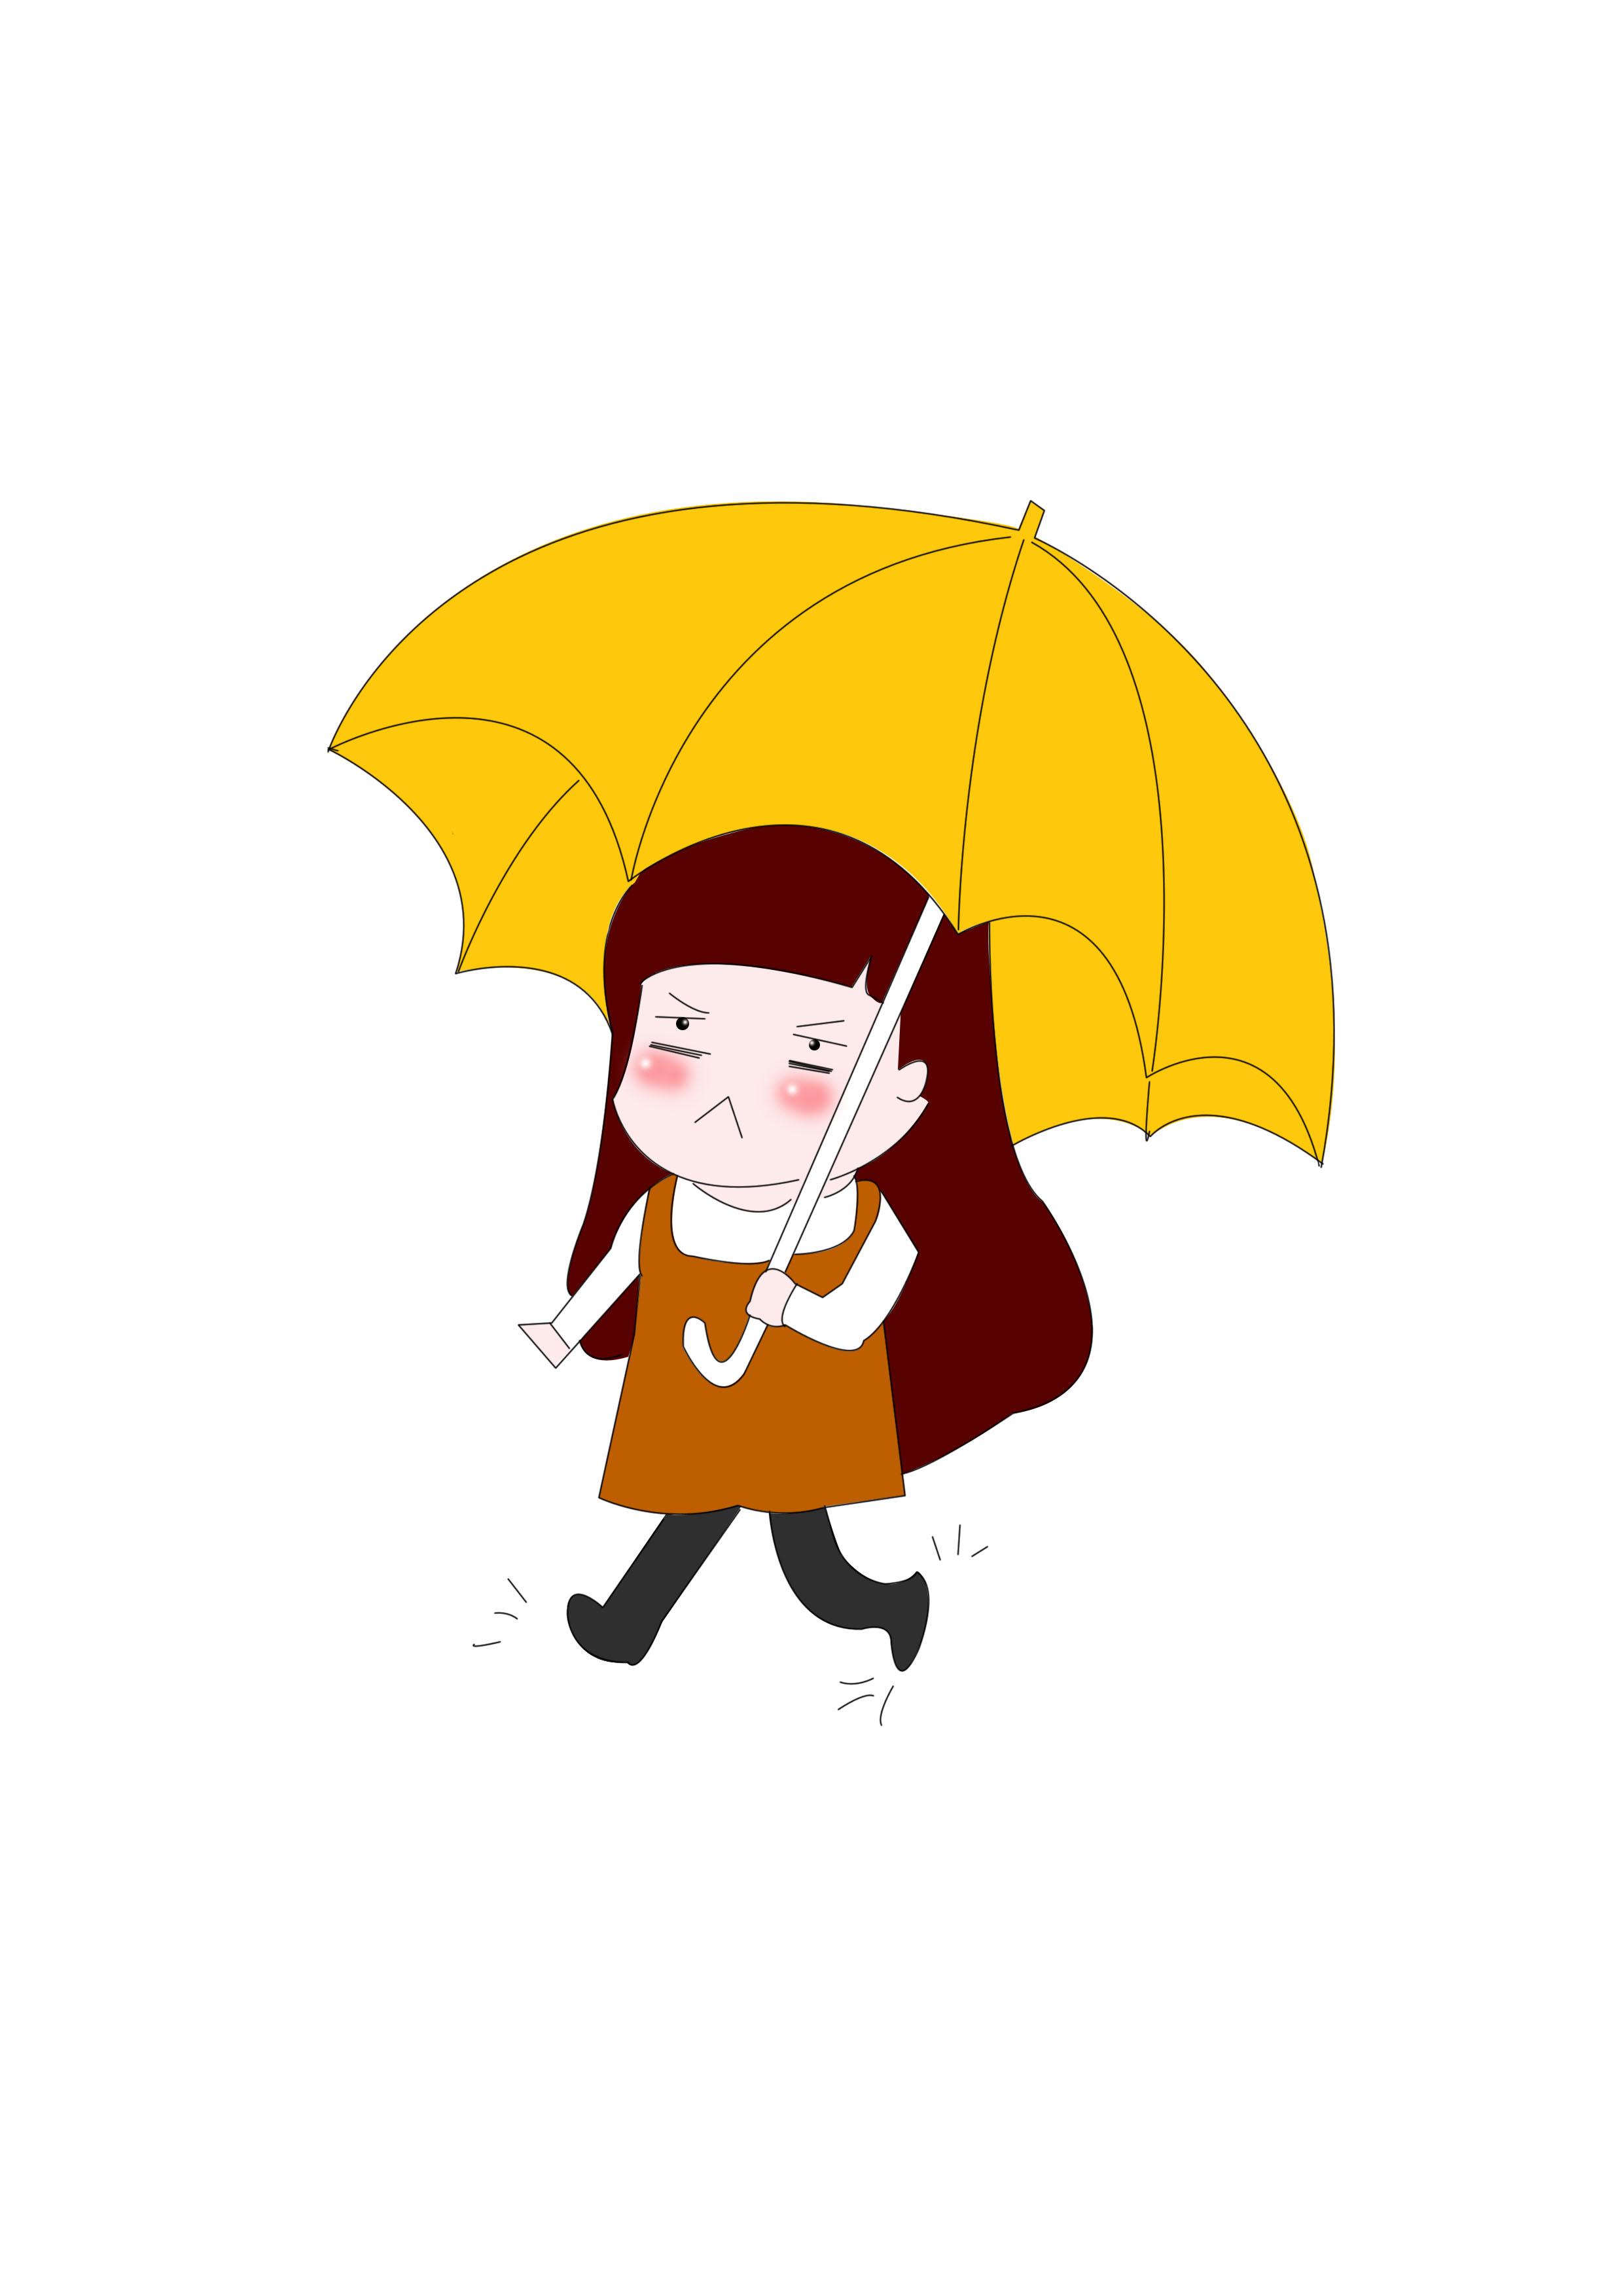 宝哥原创手机壁纸下雨天打伞不开心的小女孩